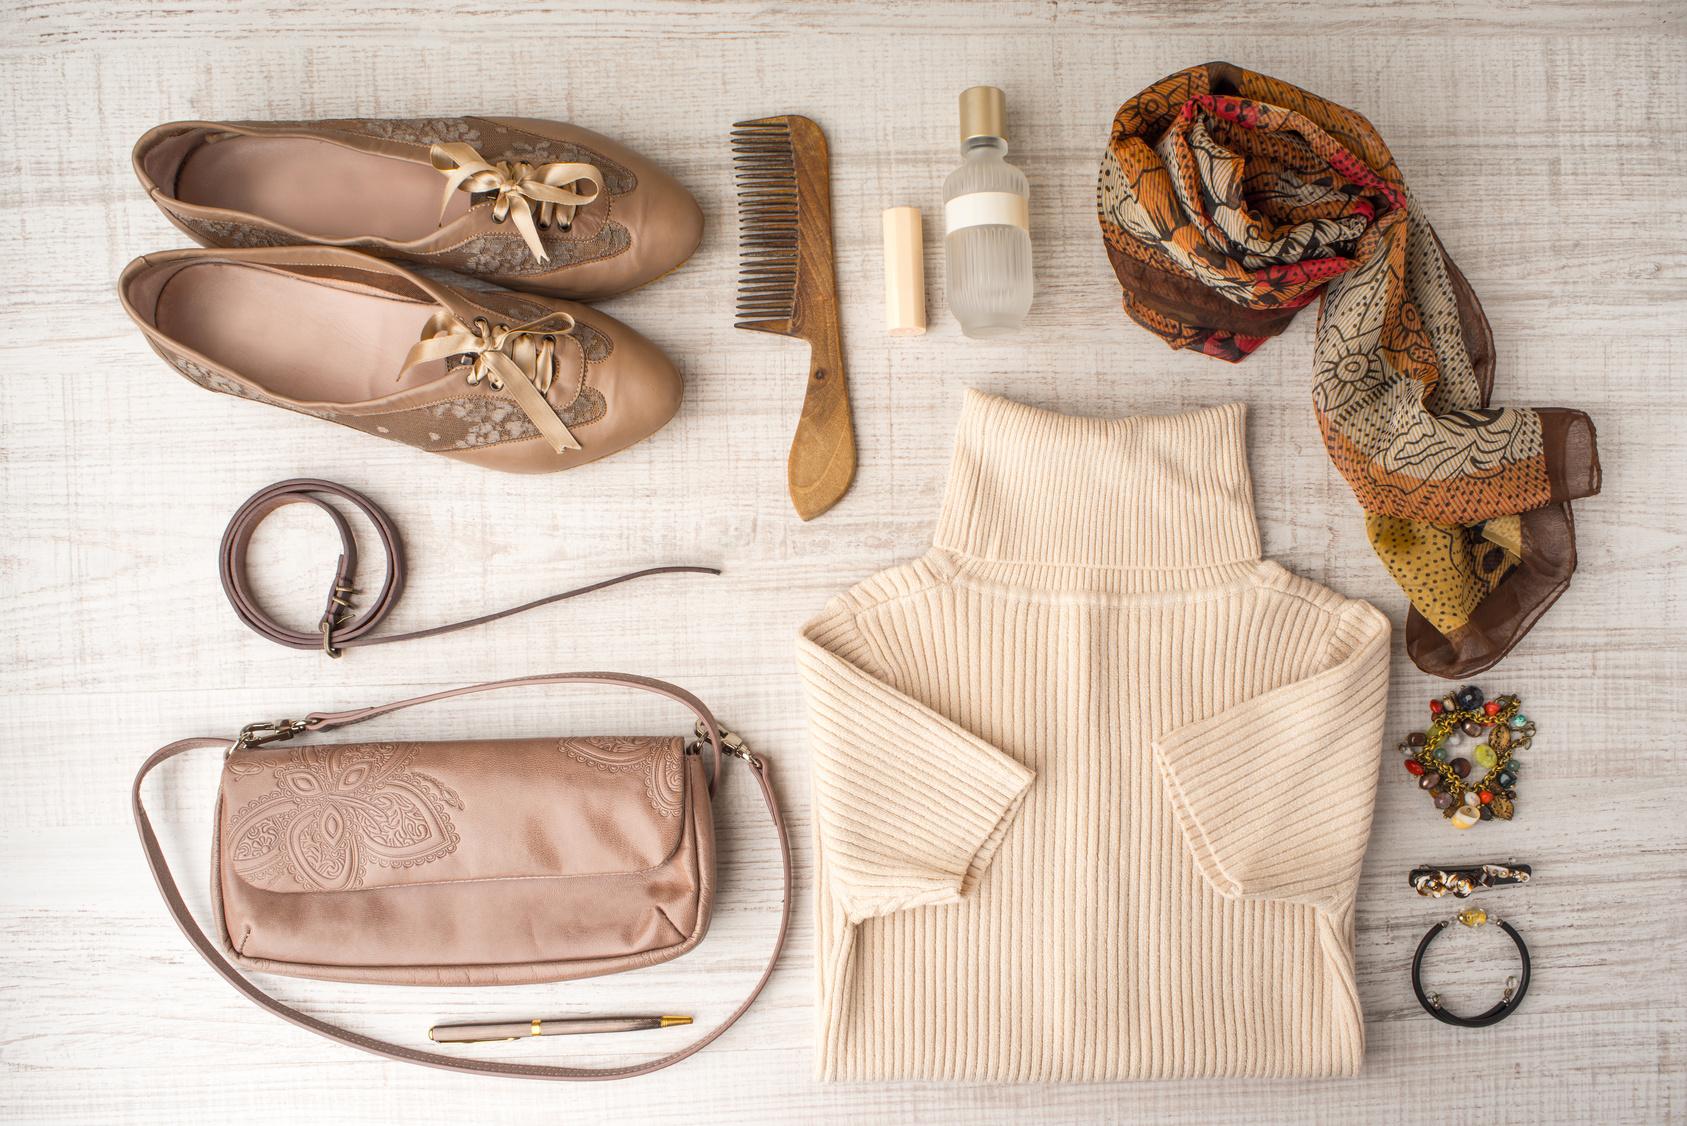 Günstiger aber hochwertige Schuhe, Taschen und Accessoires kaufen bei ImWalking